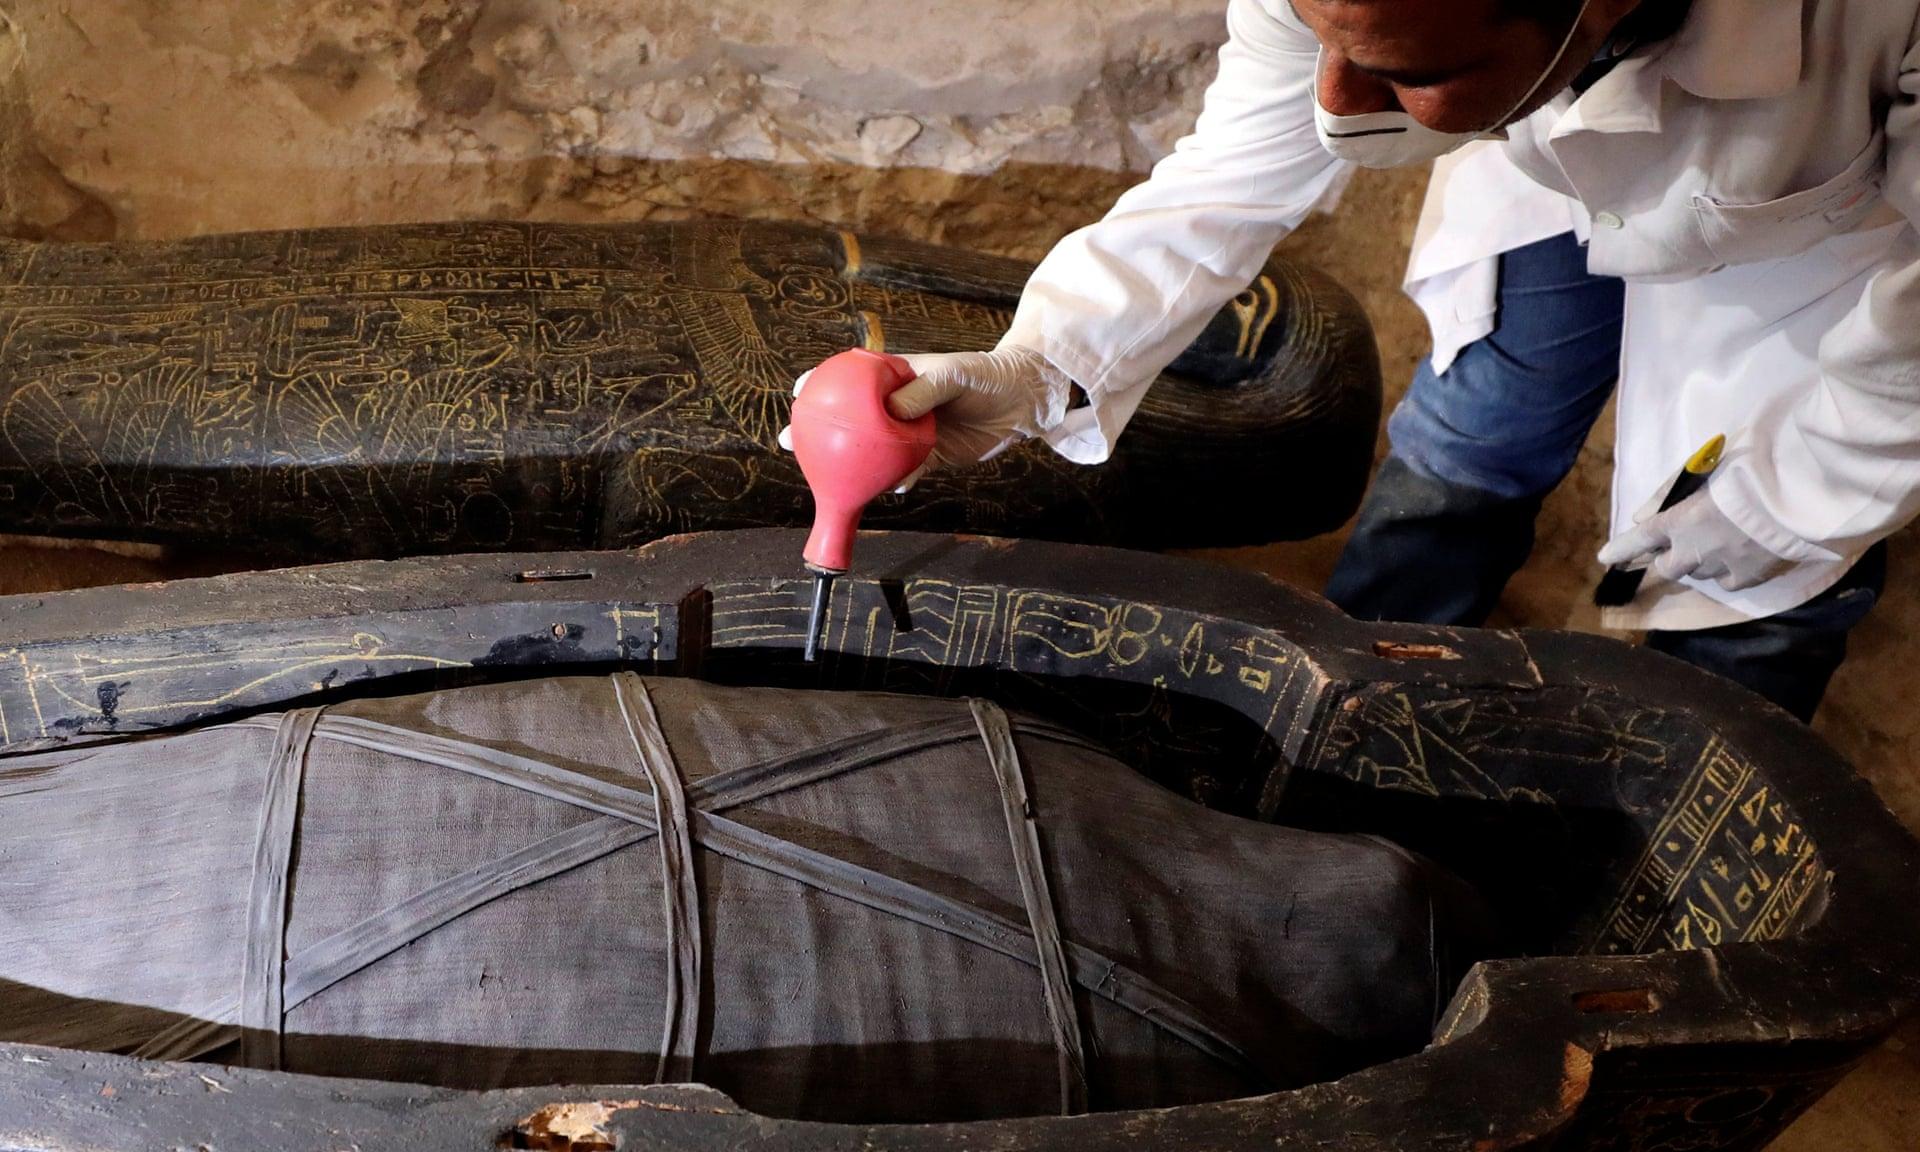 Múmia egpícia